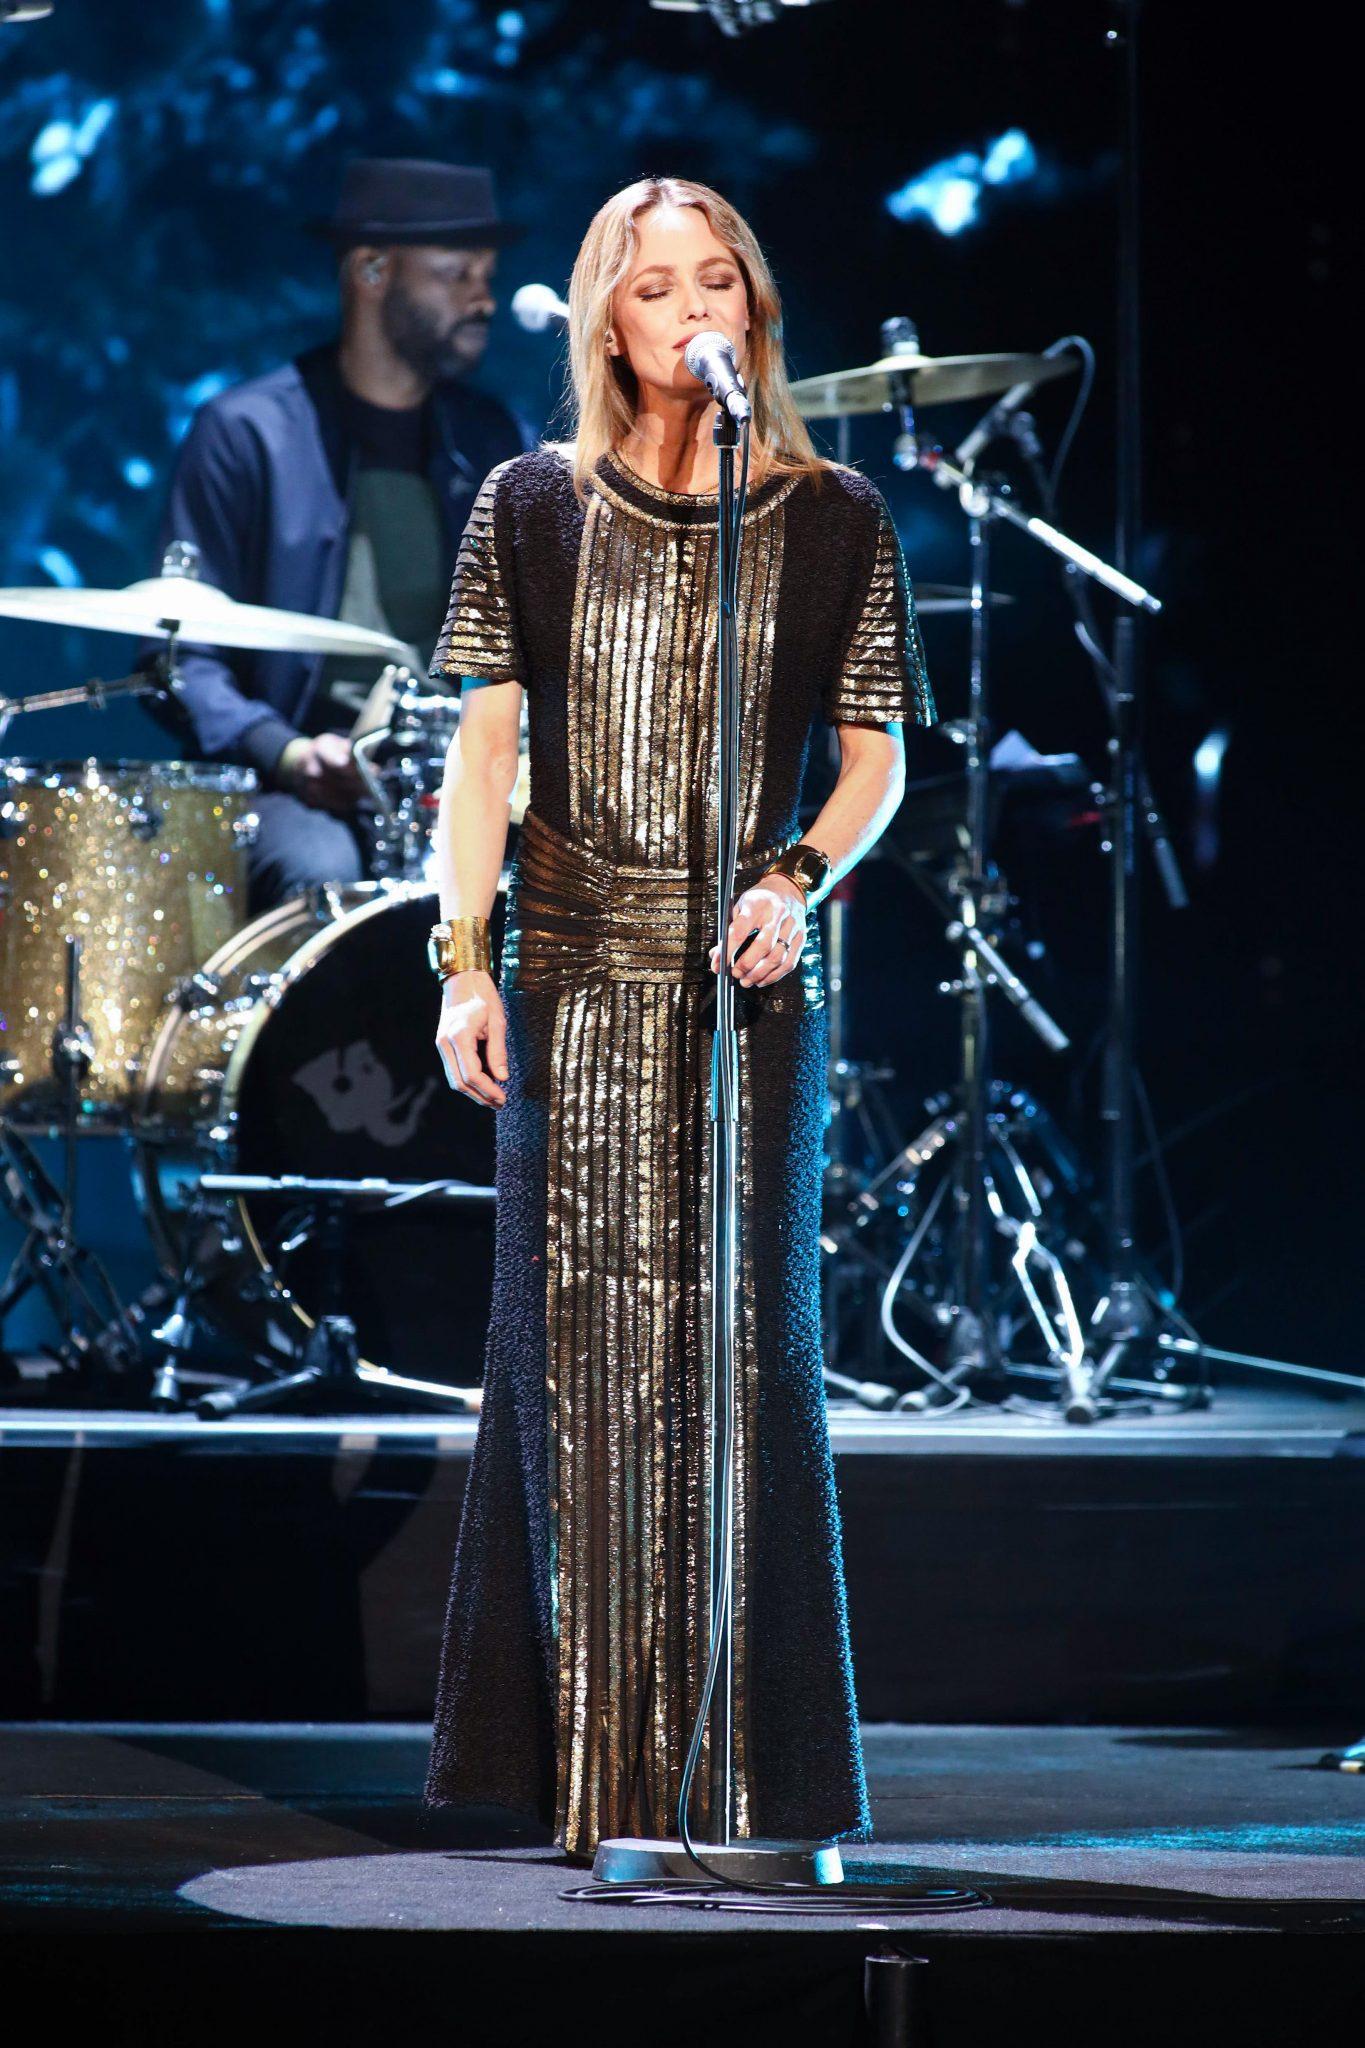 Victoires de la Musique 2019 Vanessa Paradis CHANEL Esprit de Gabrielle espritdegabrielle.com